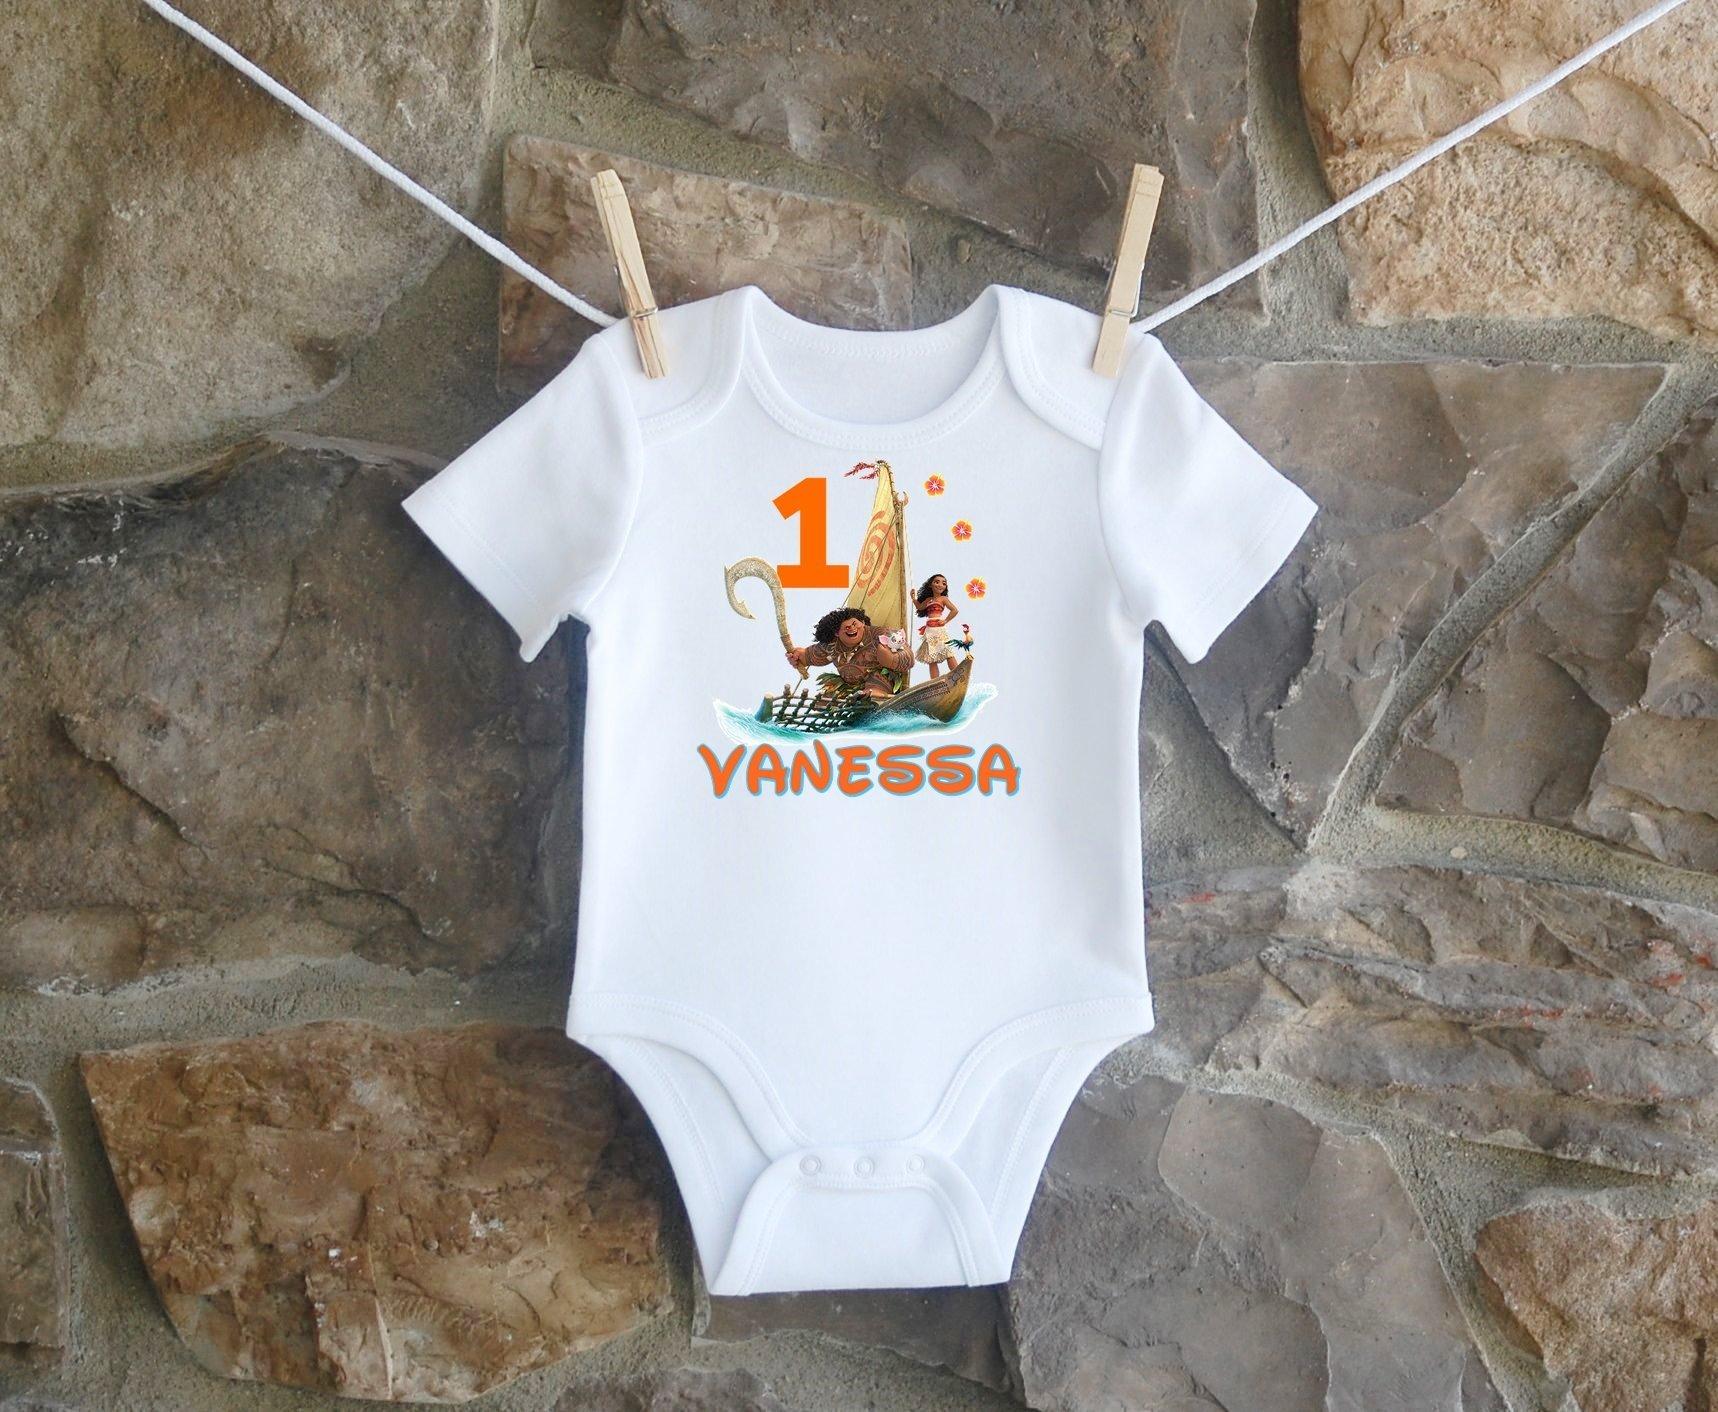 Moana And Maui Birthday Shirt, Moana And Maui Birthday Shirt For Girls, Personalized Girls Moana And Maui Birthday Shirt, Customized Moana And Maui Birthday Shirt